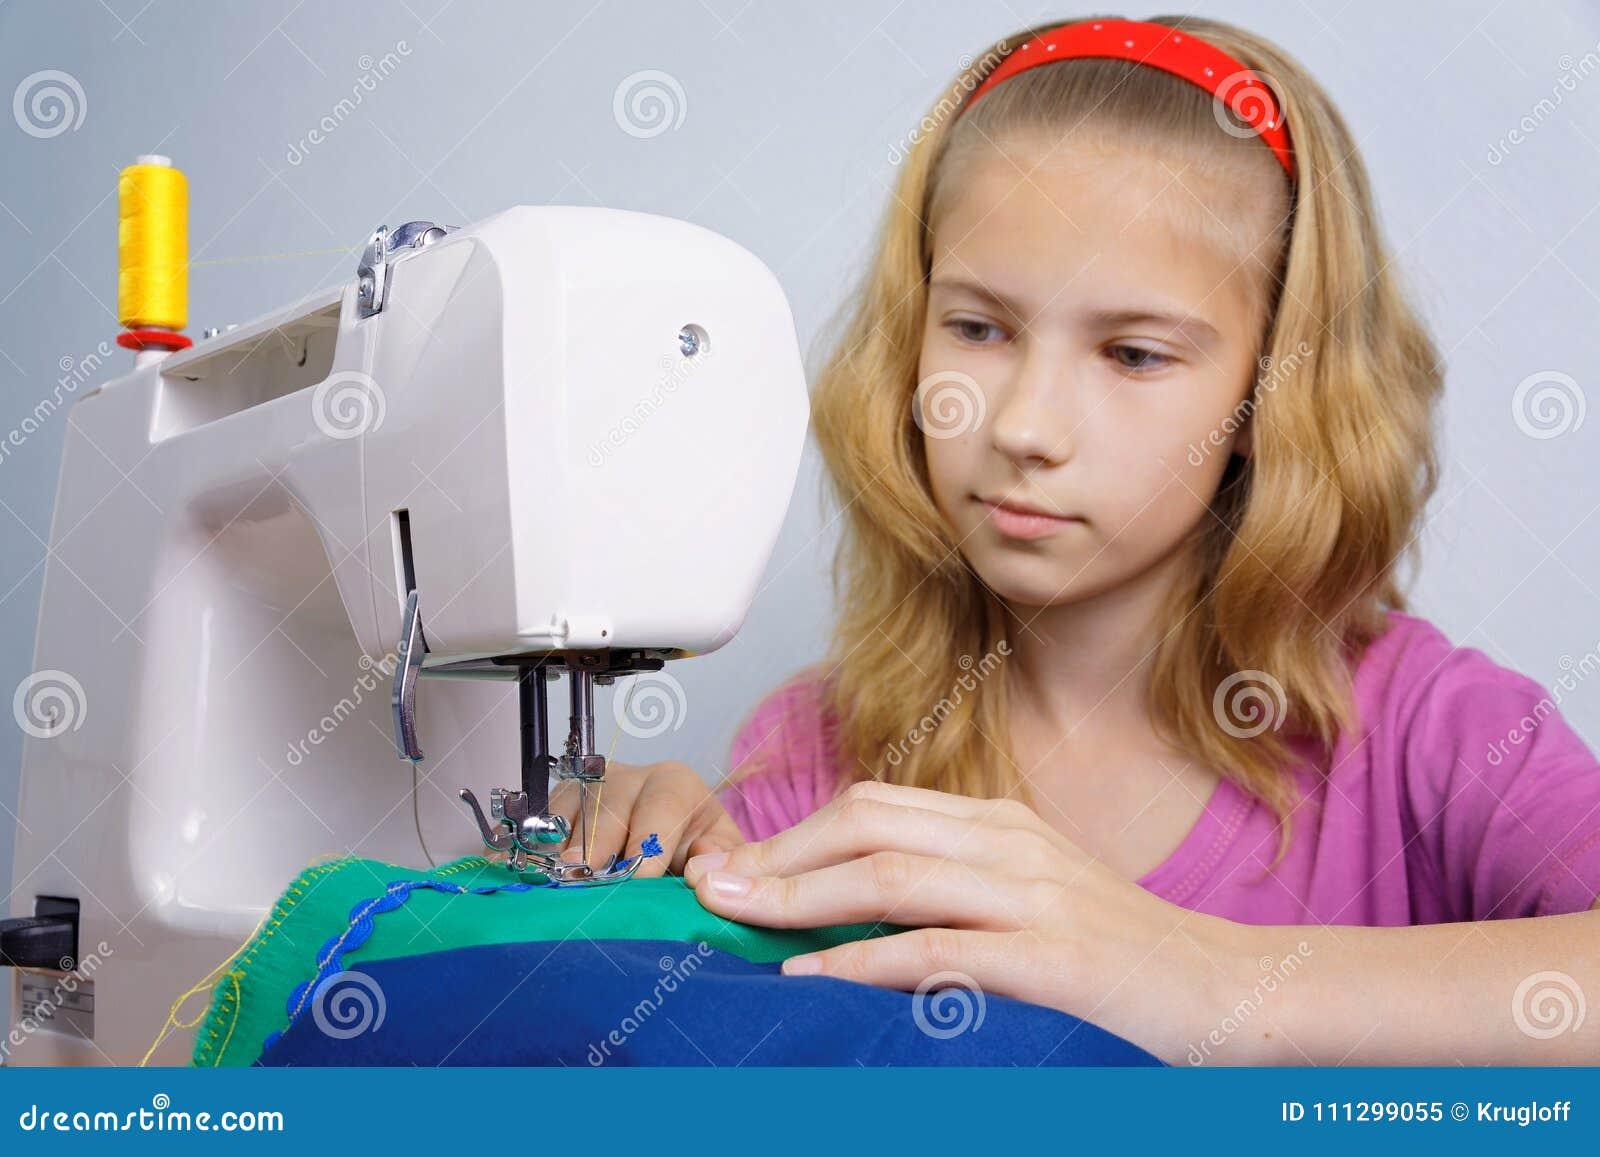 Dziewczyna uczy się szyć na elektrycznej szwalnej maszynie